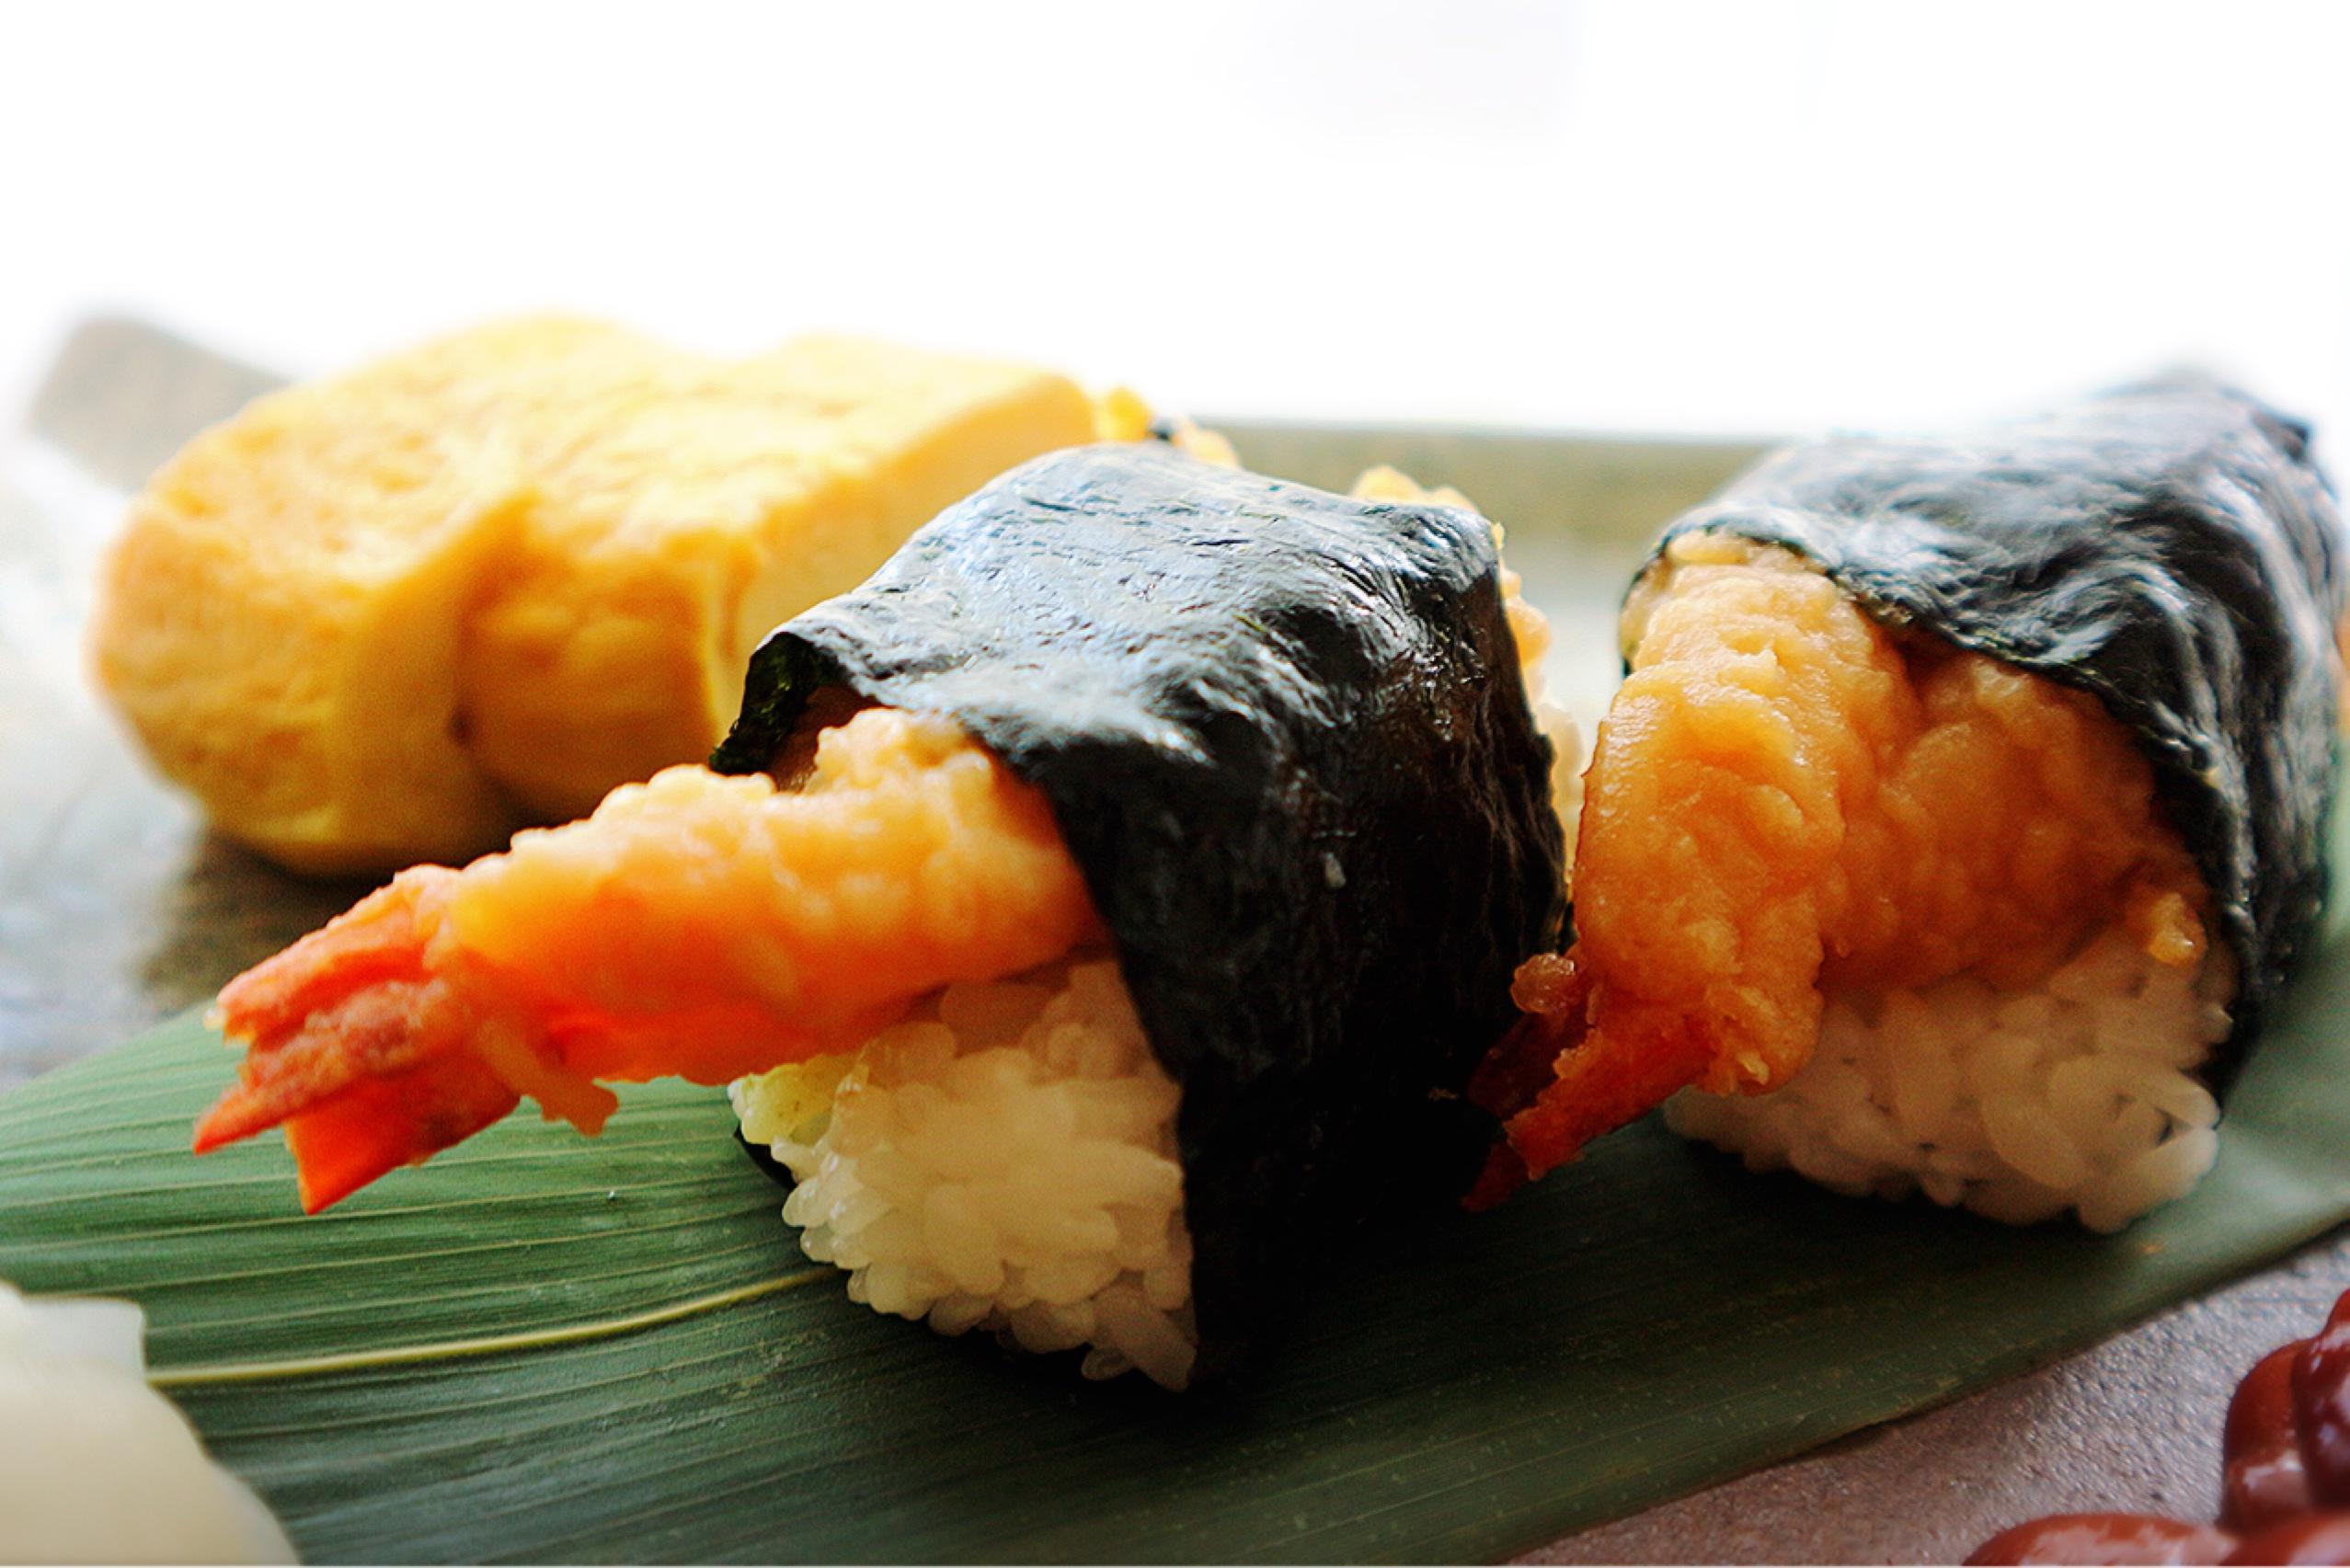 King of tenmusu: Shrimps